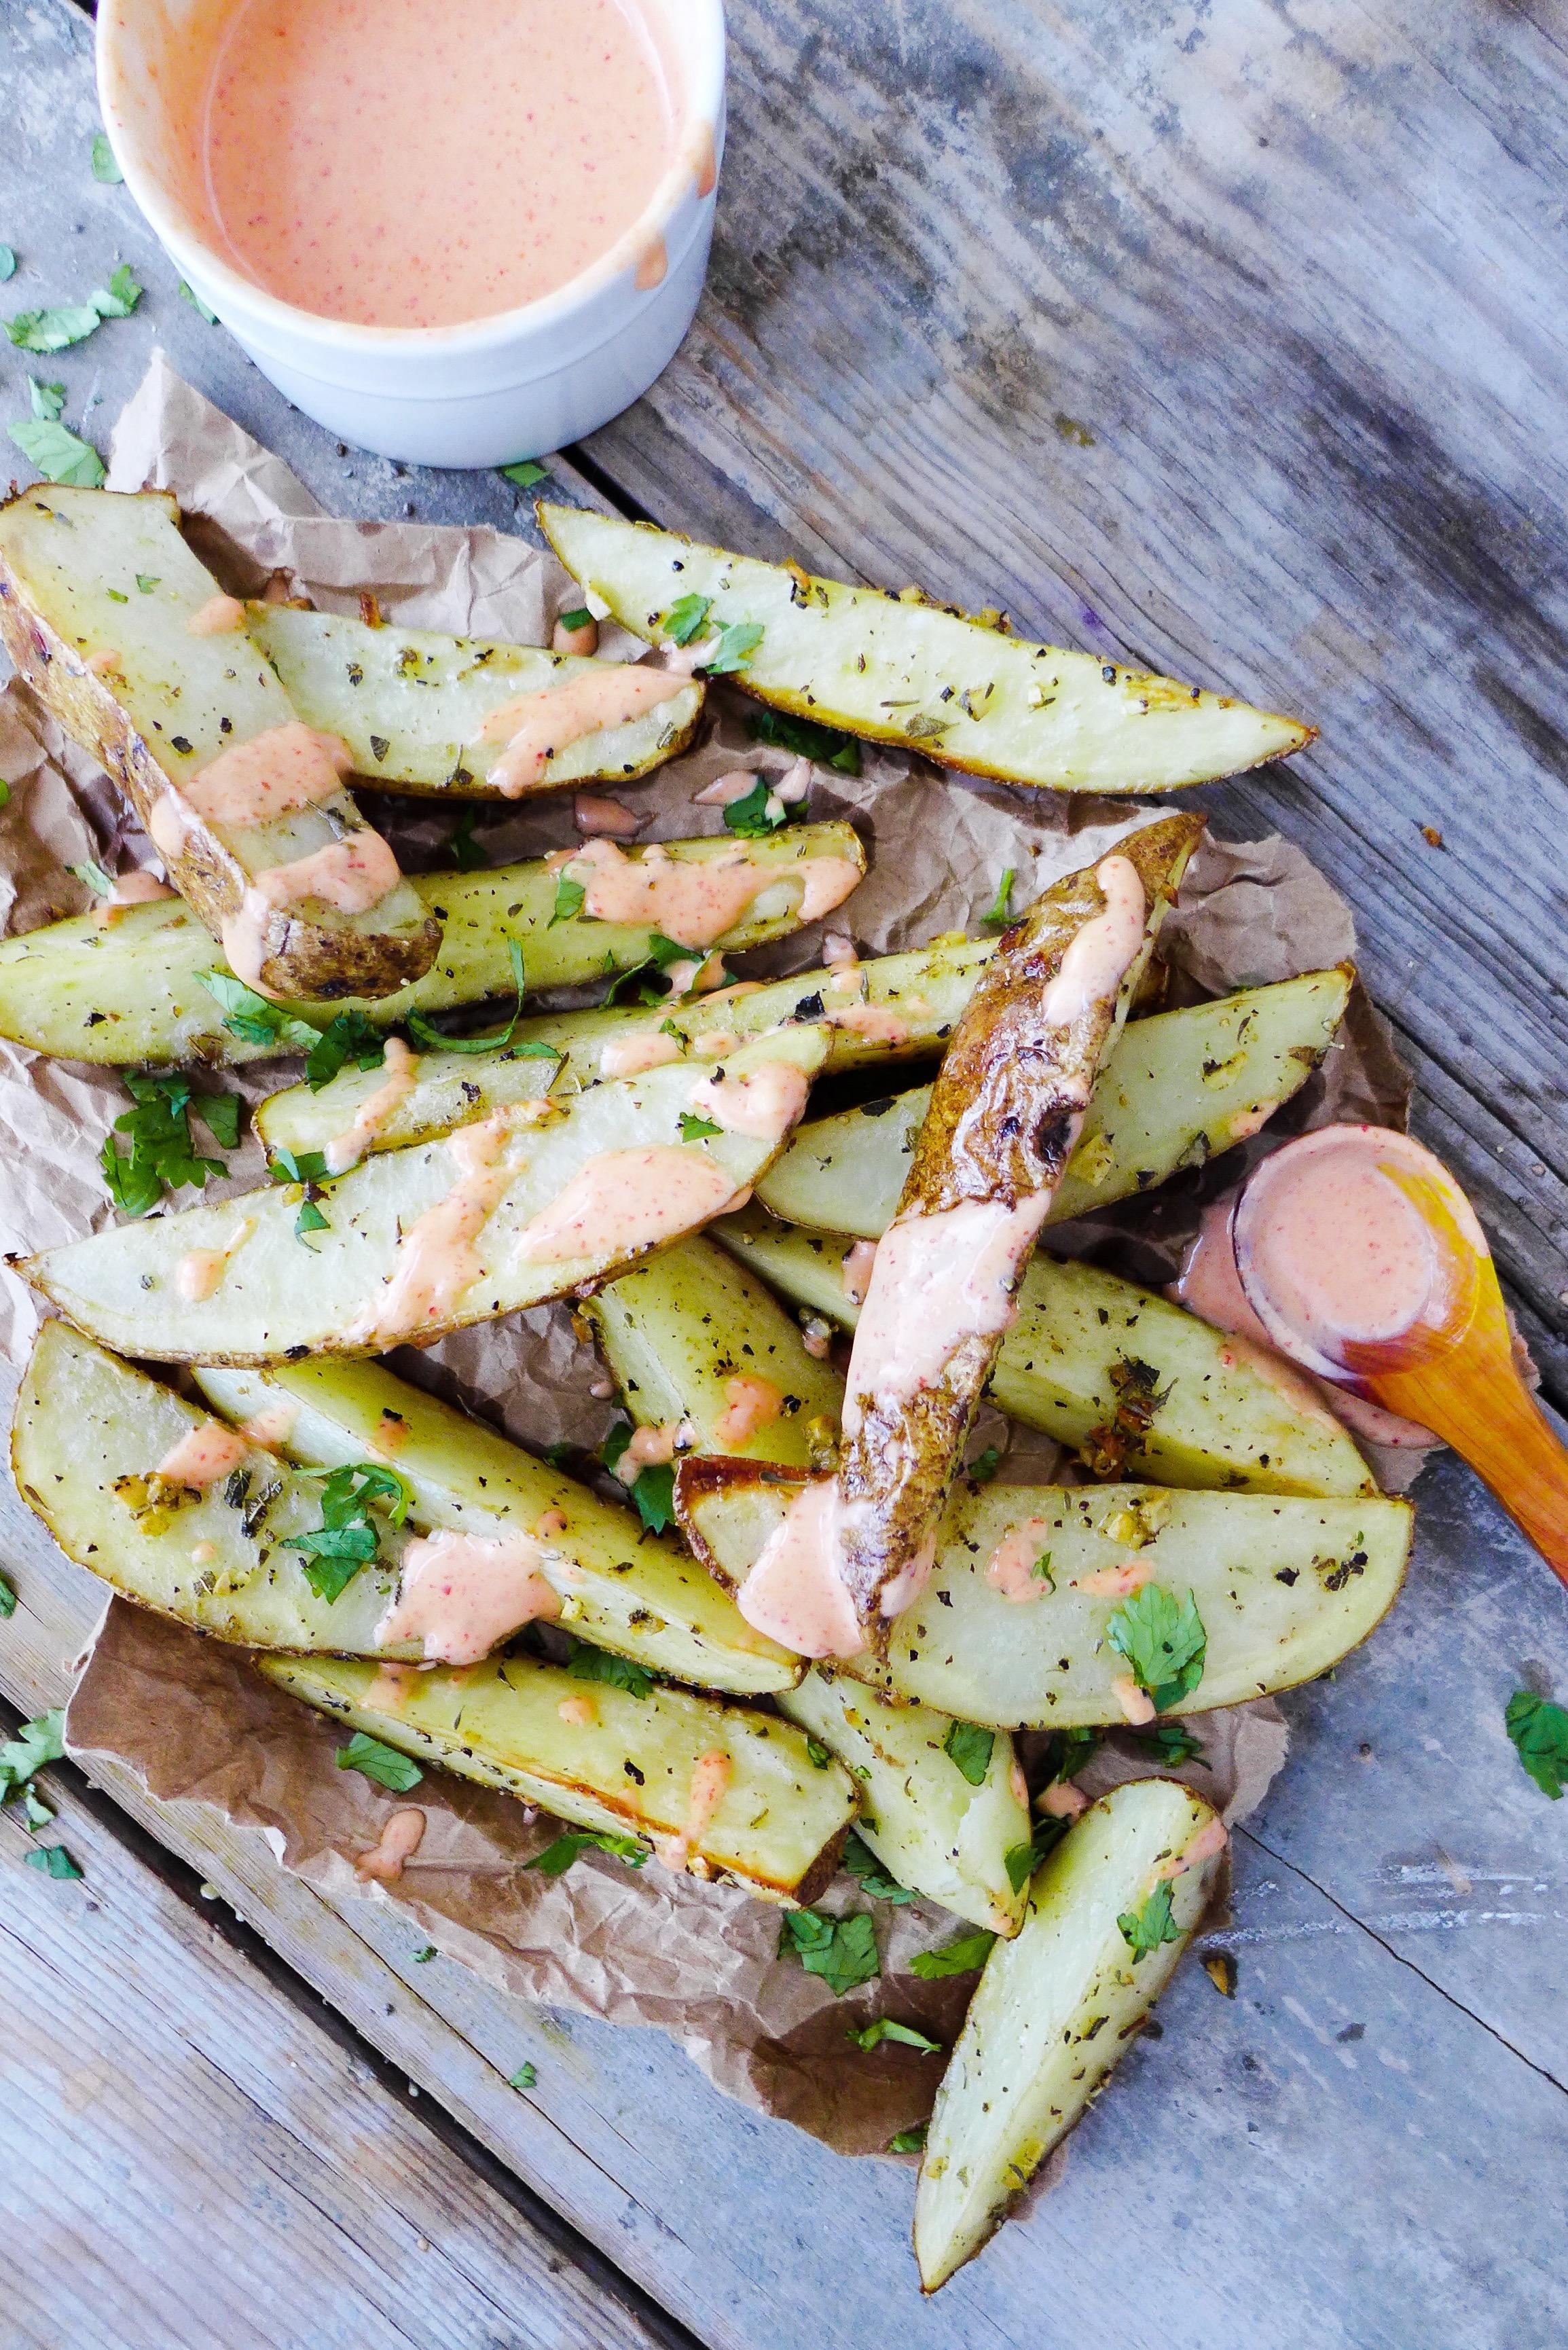 garlic-herb-potato-wedges-chipotle-dipping-sauce.jpg